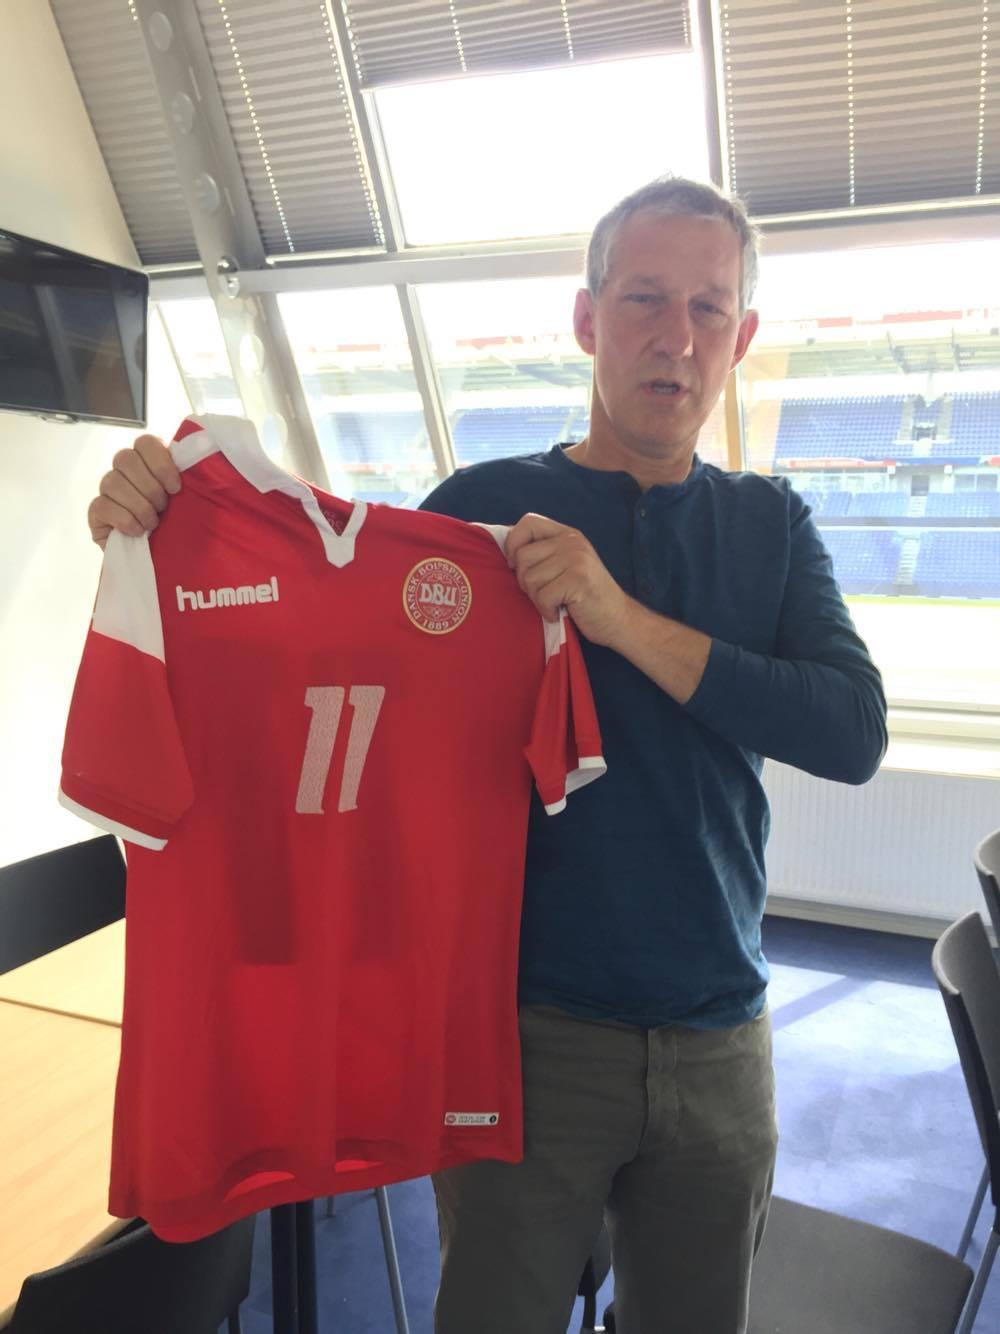 Kim Vilfort, som han ser ud i dag, med den nye jubilæumstrøje fra hummel.